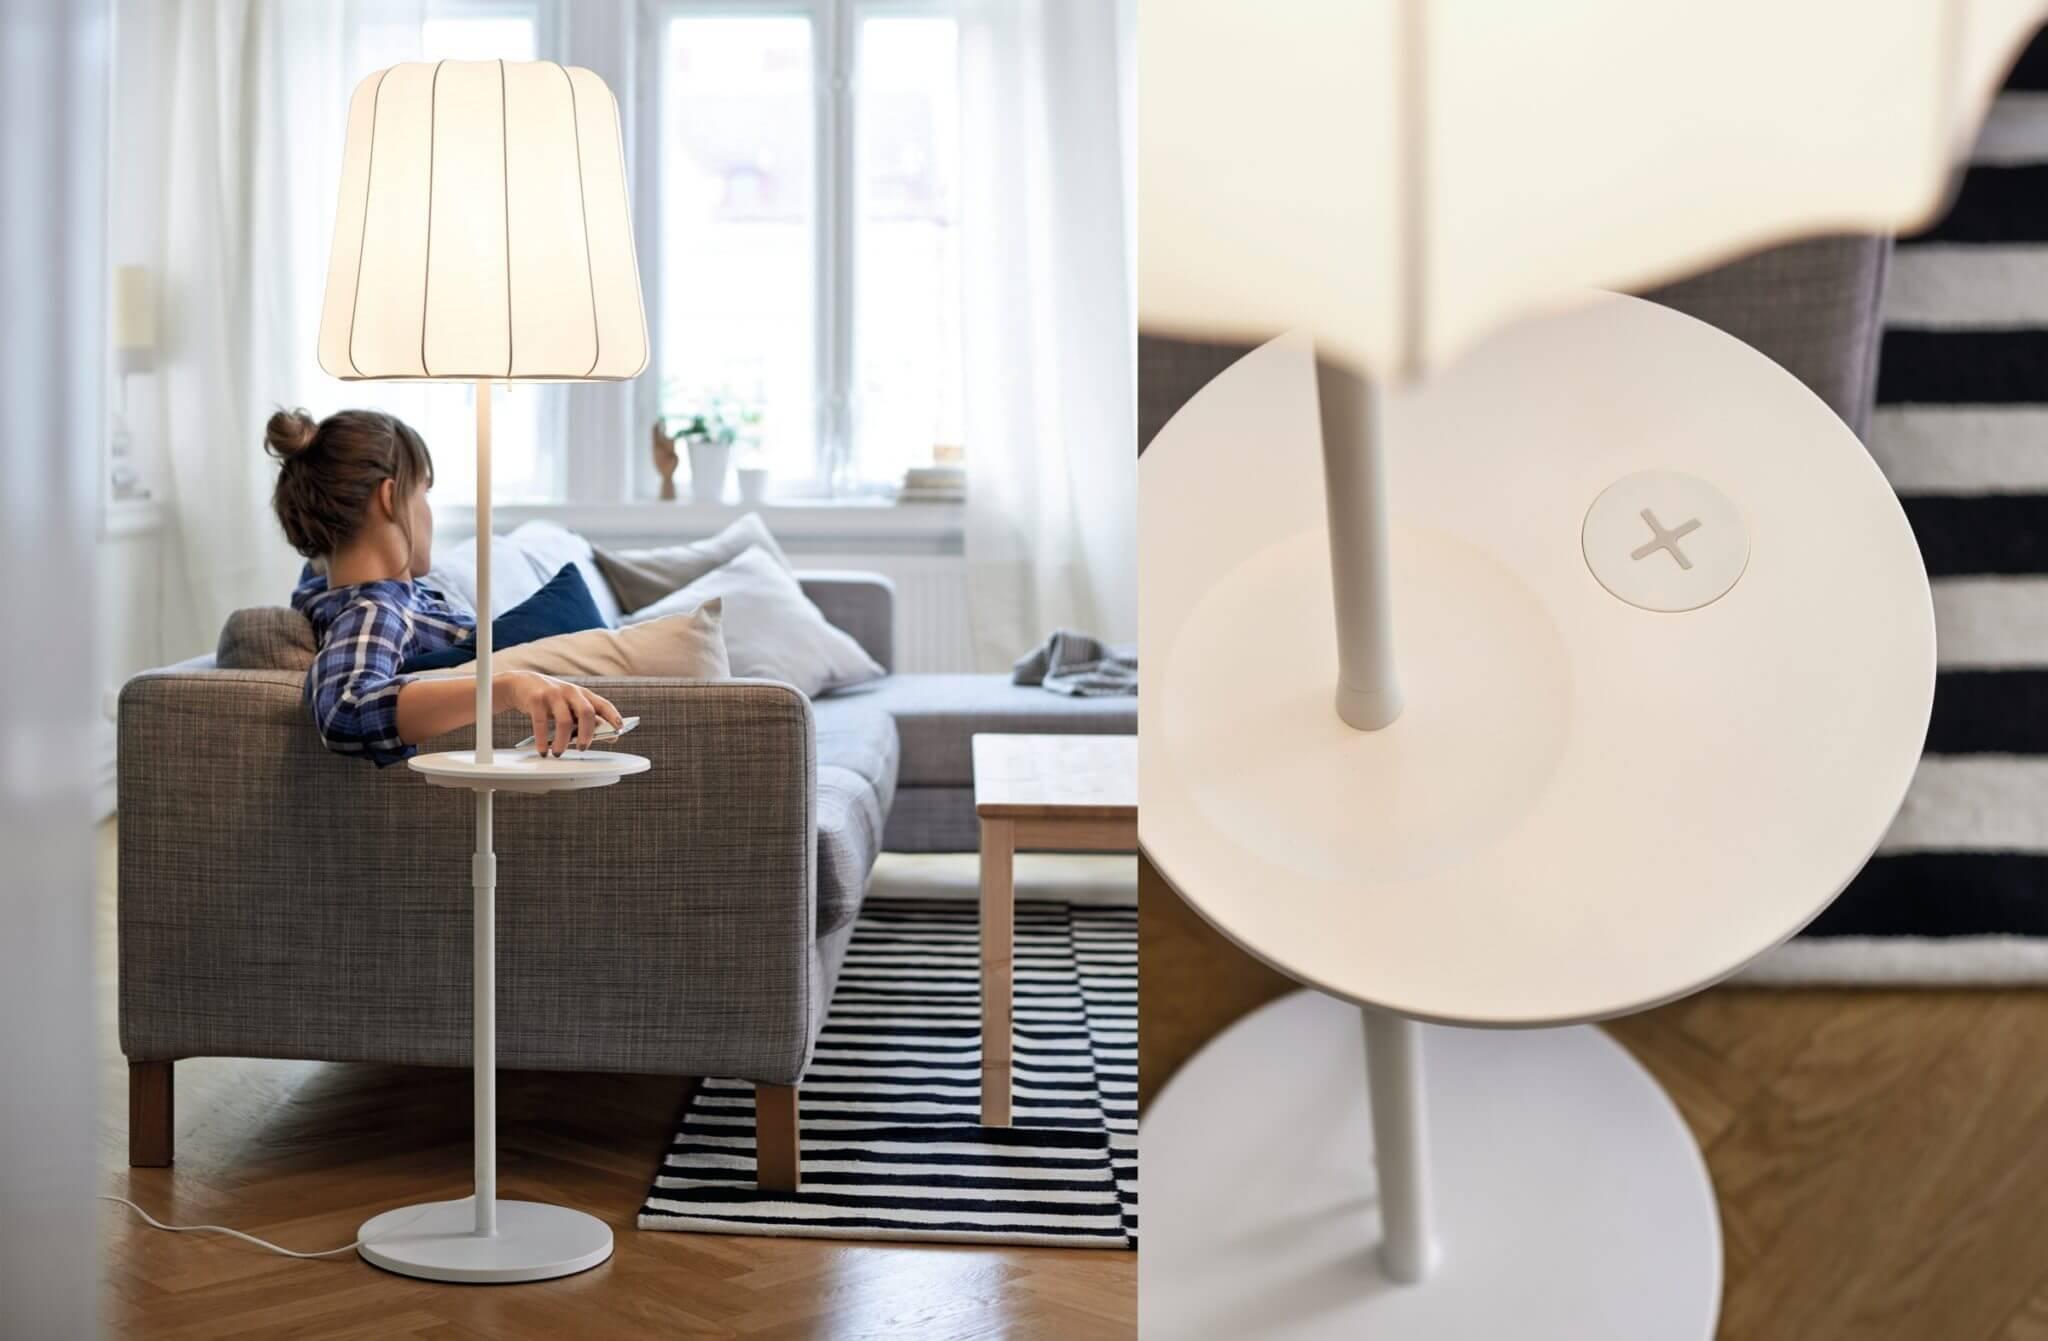 Lampen Ikea Hang : Ikea lampen und tische mit qi ladegerät ab april